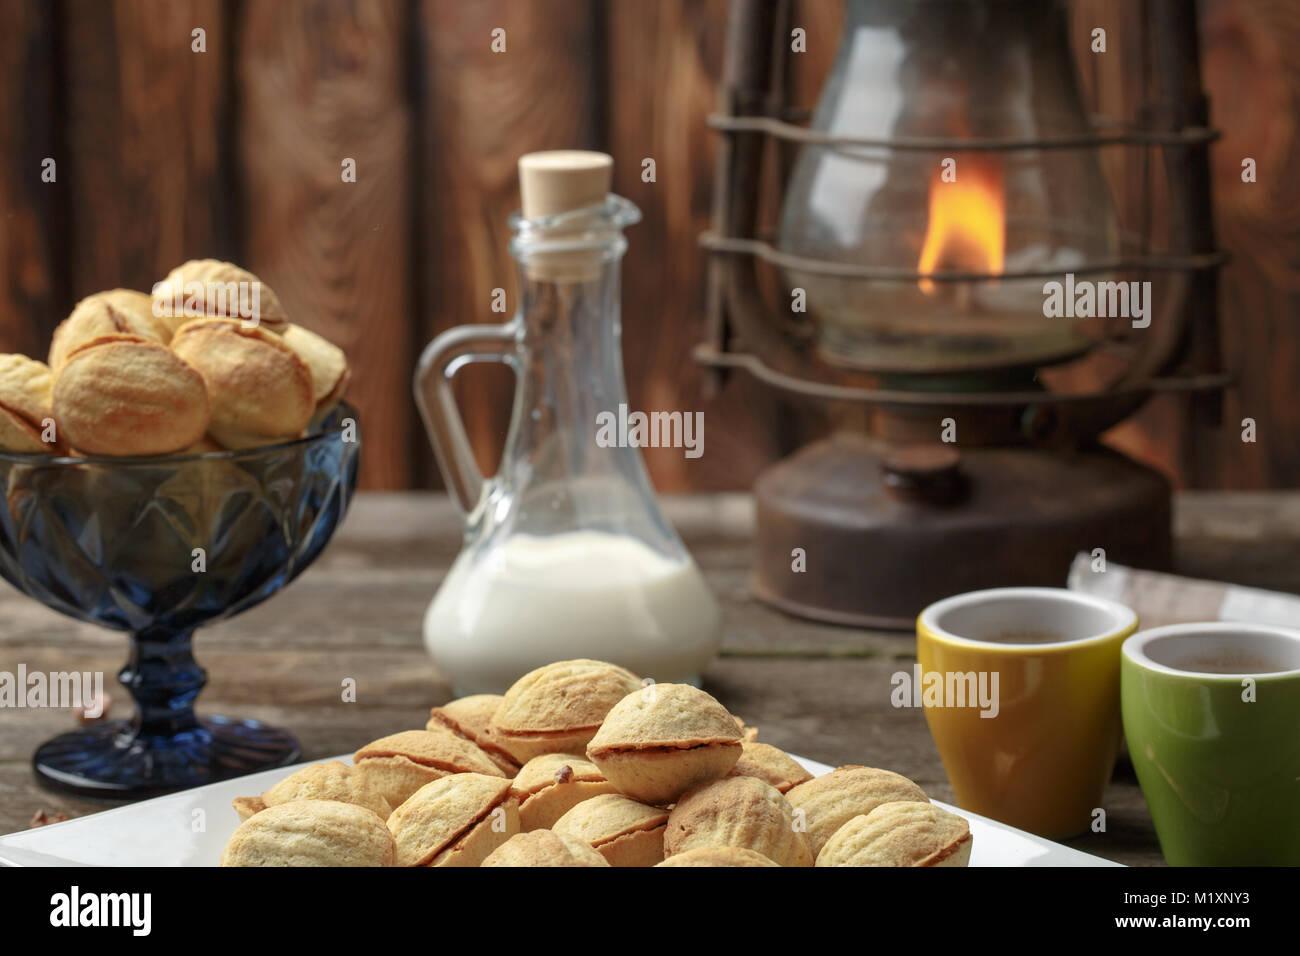 Les Ecrous En Forme De Cookies Faits Maison Avec De La Creme De Lait